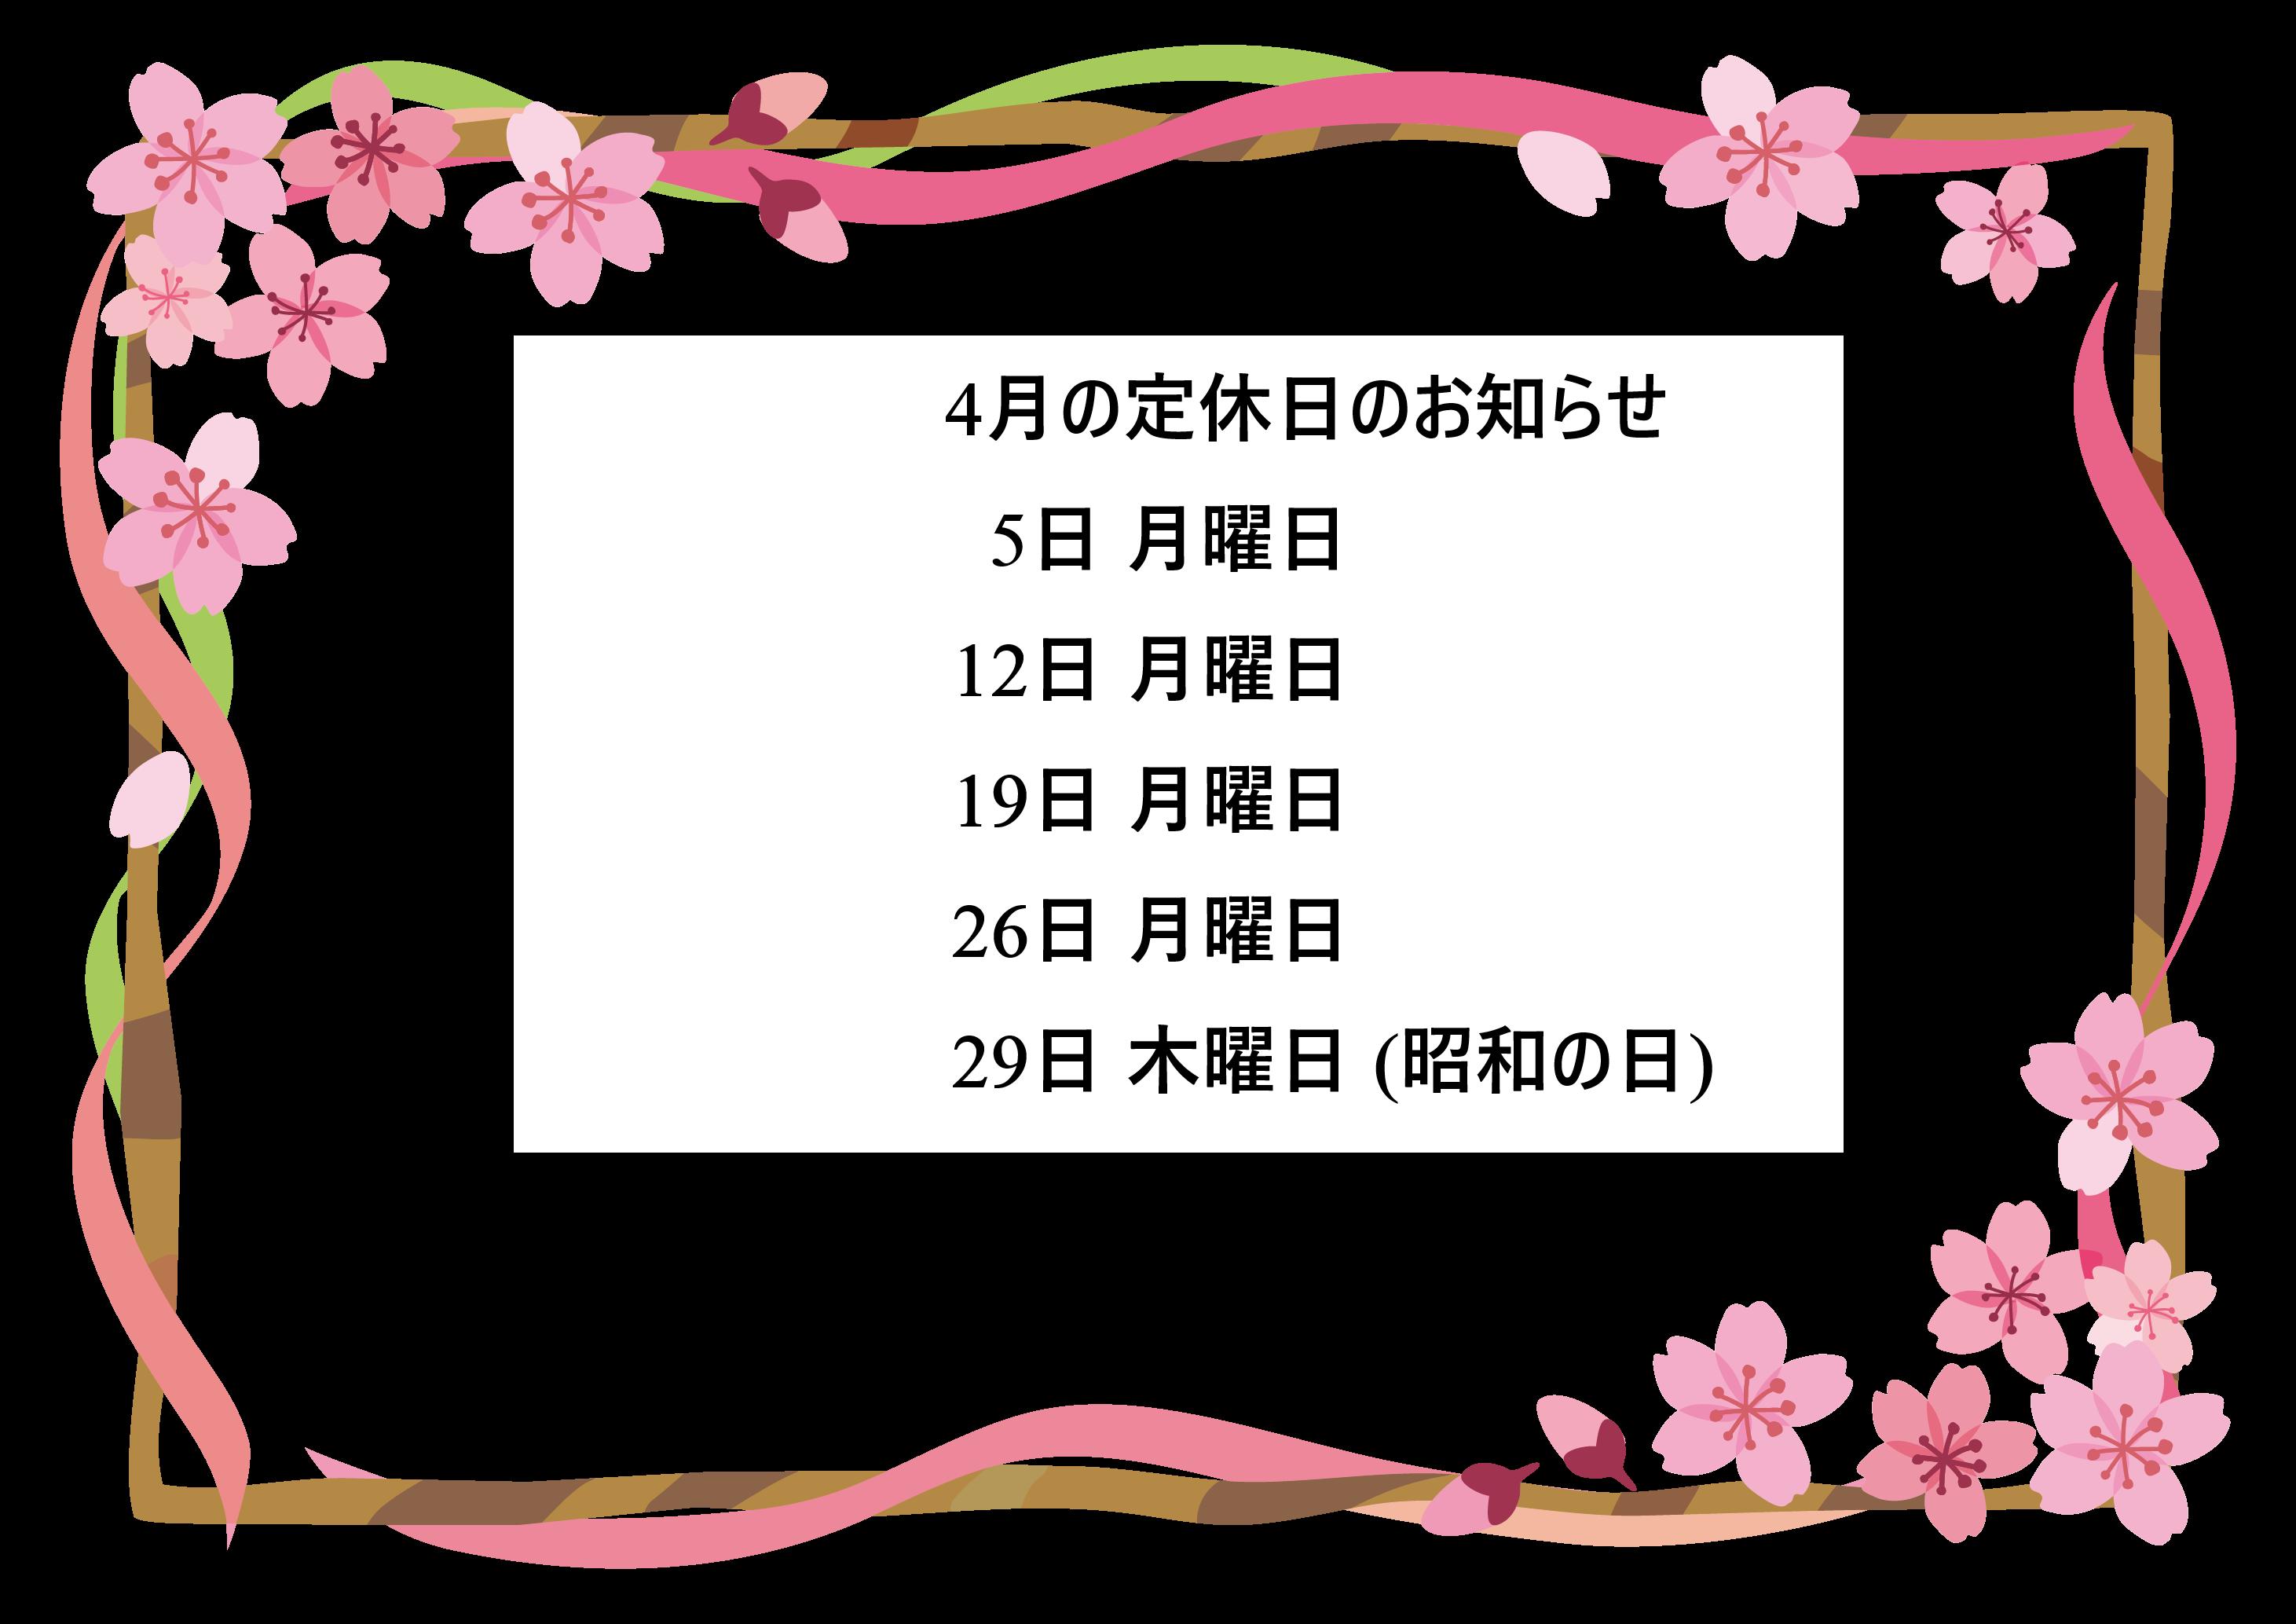 2021年4月の定休日のお知らせ_e0133255_12262966.png